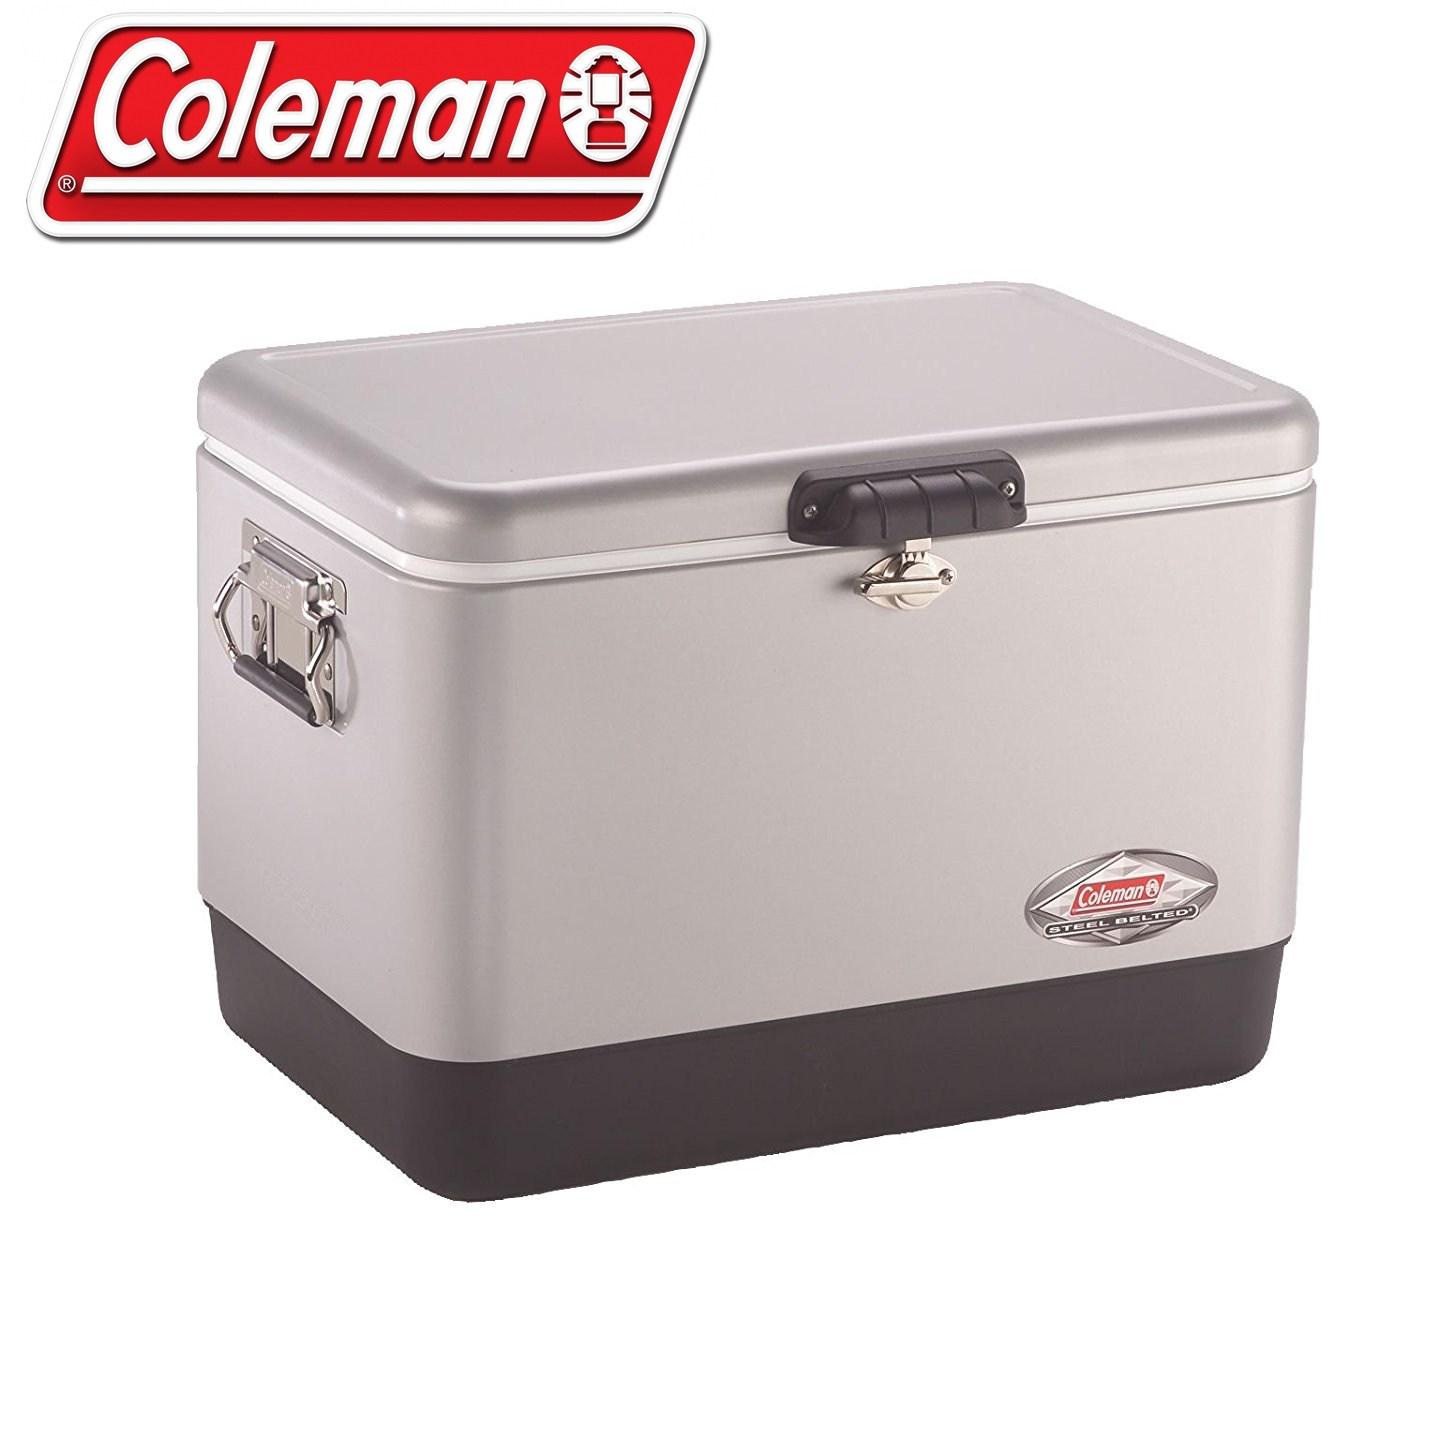 콜맨 아이스박스 54쿼터 스틸-벨트 쿨러 실버(무광) (Coleman), 51L